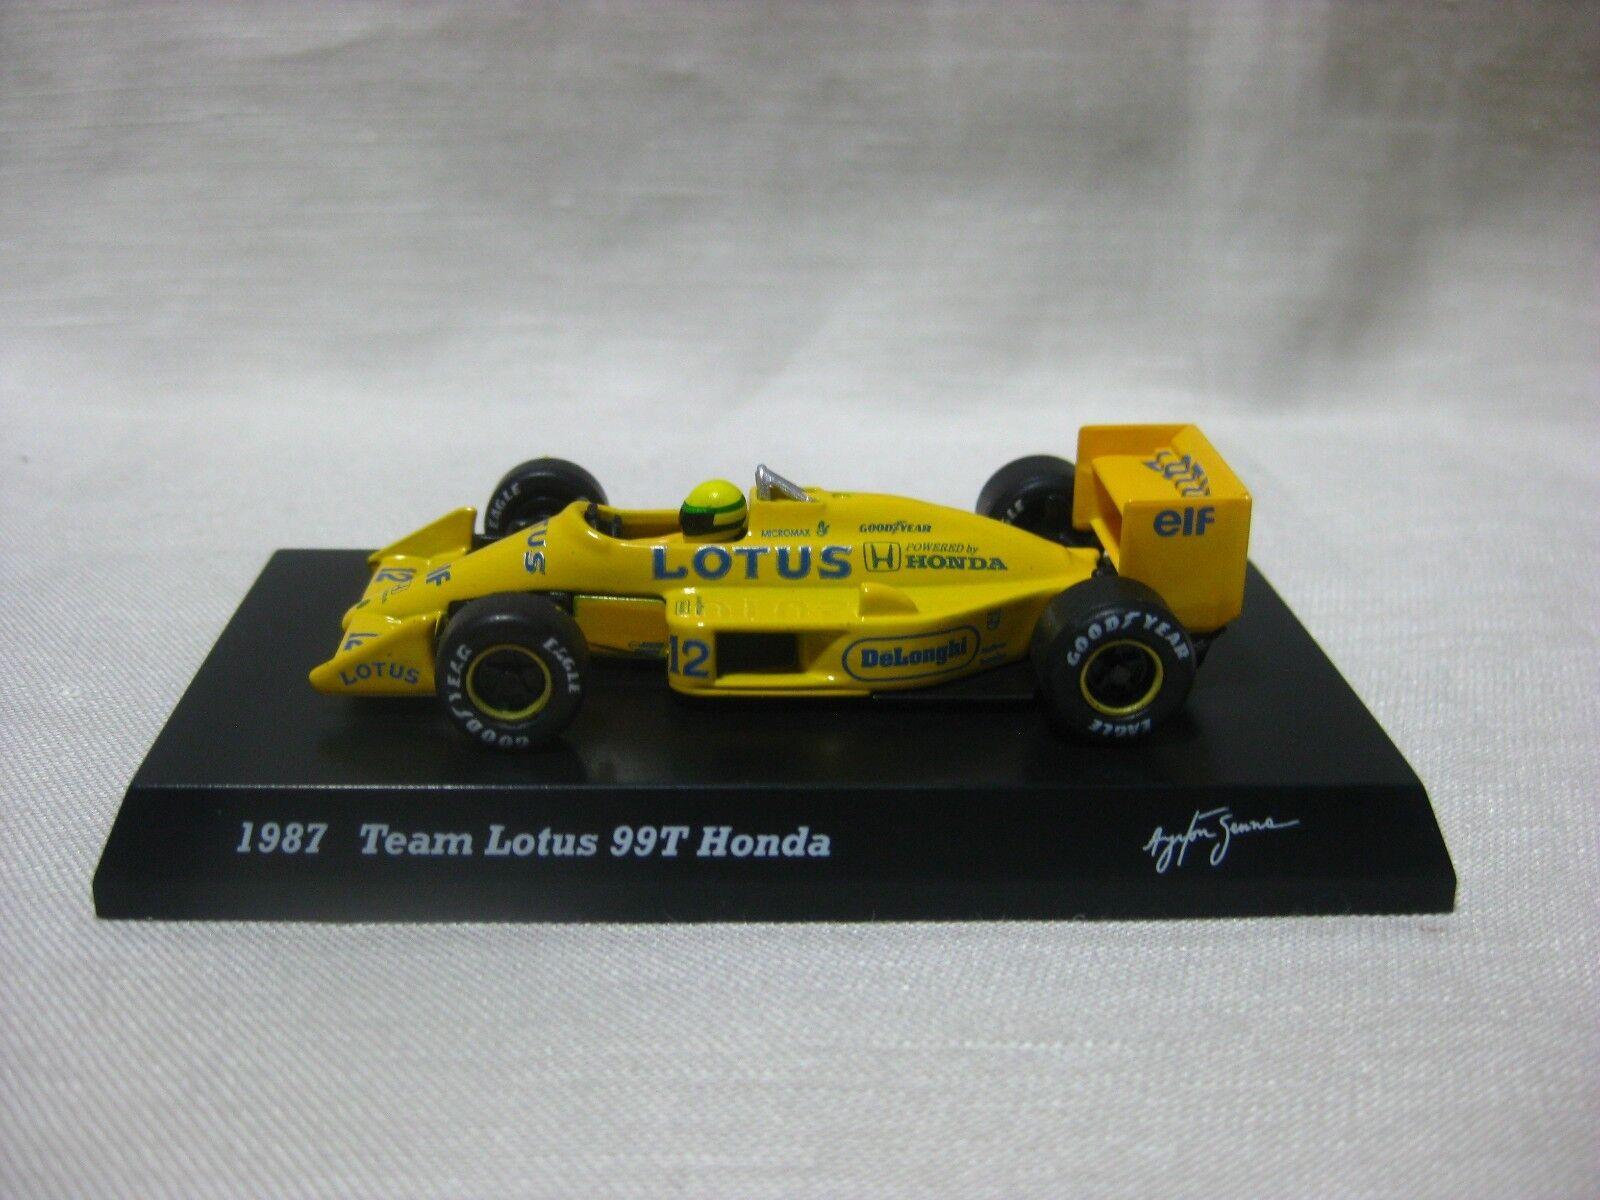 1 64 Kyosho Team Lotus 99T 1987 Honda tärningskast modelllllerlerl Bil